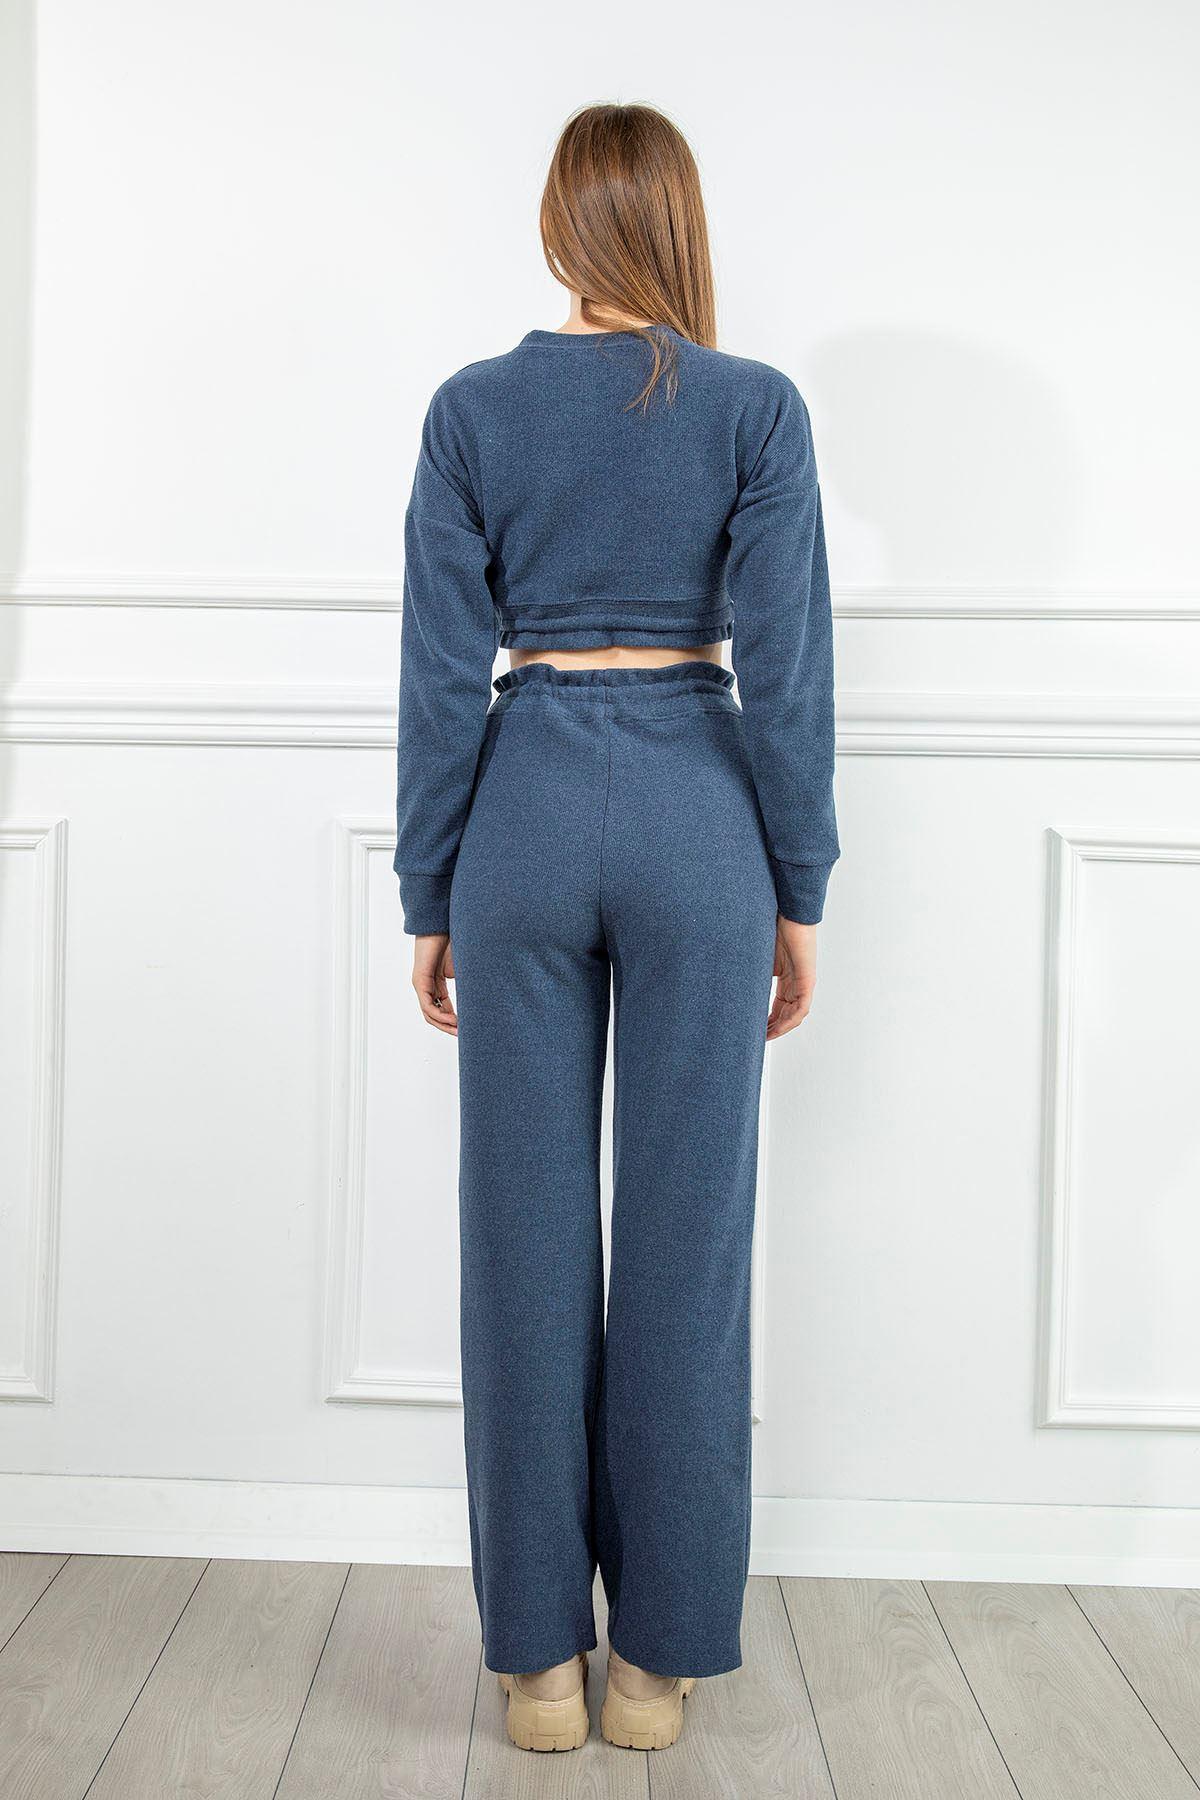 Beli Lastlikli Pantolon Takım-İndigo